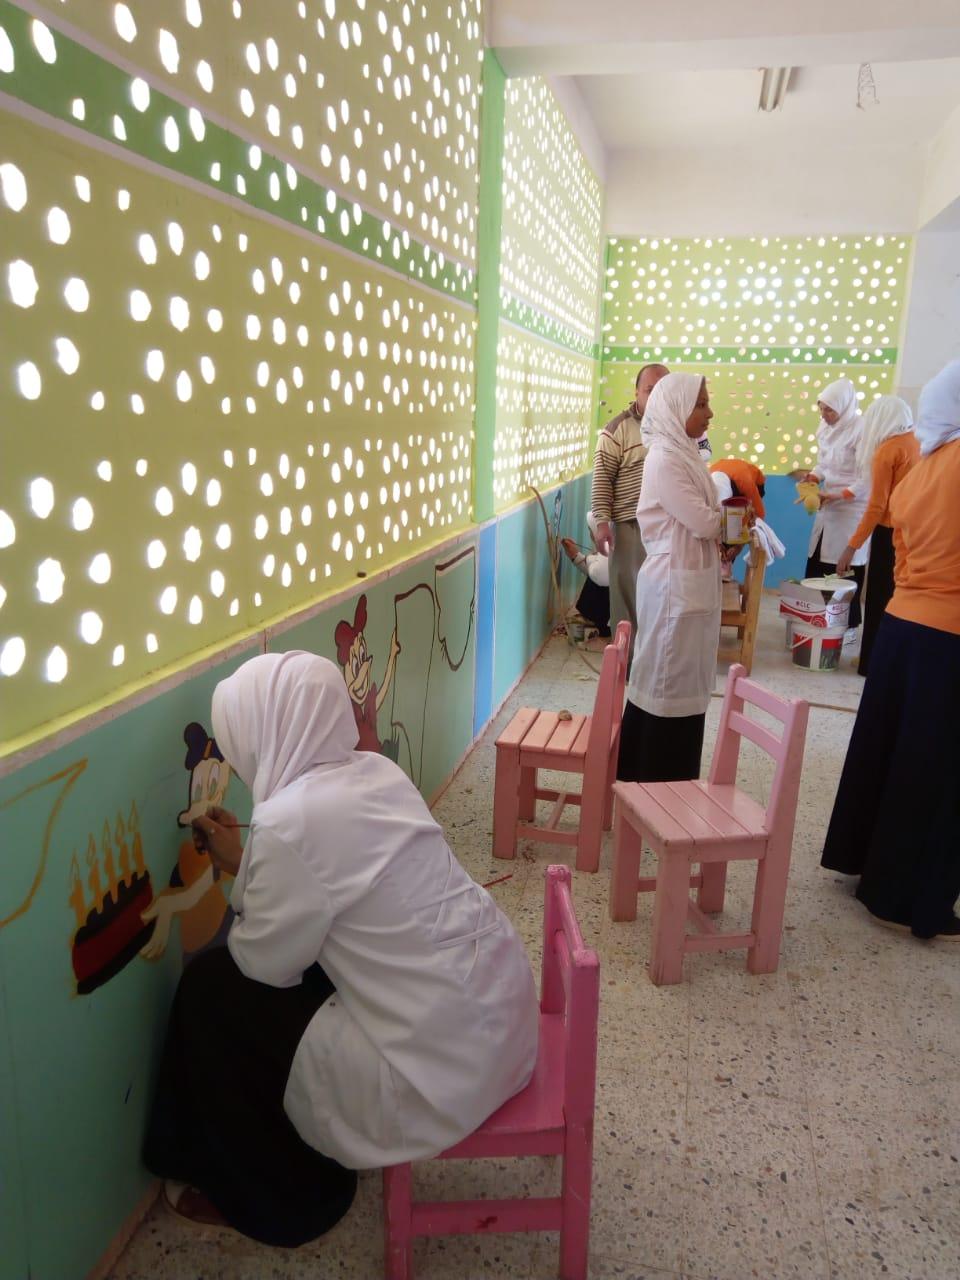 طالبات مدرسة موط الفنية ينفذن مبادرة تجميل أسوار المدارس بلوحات جدارية (9)